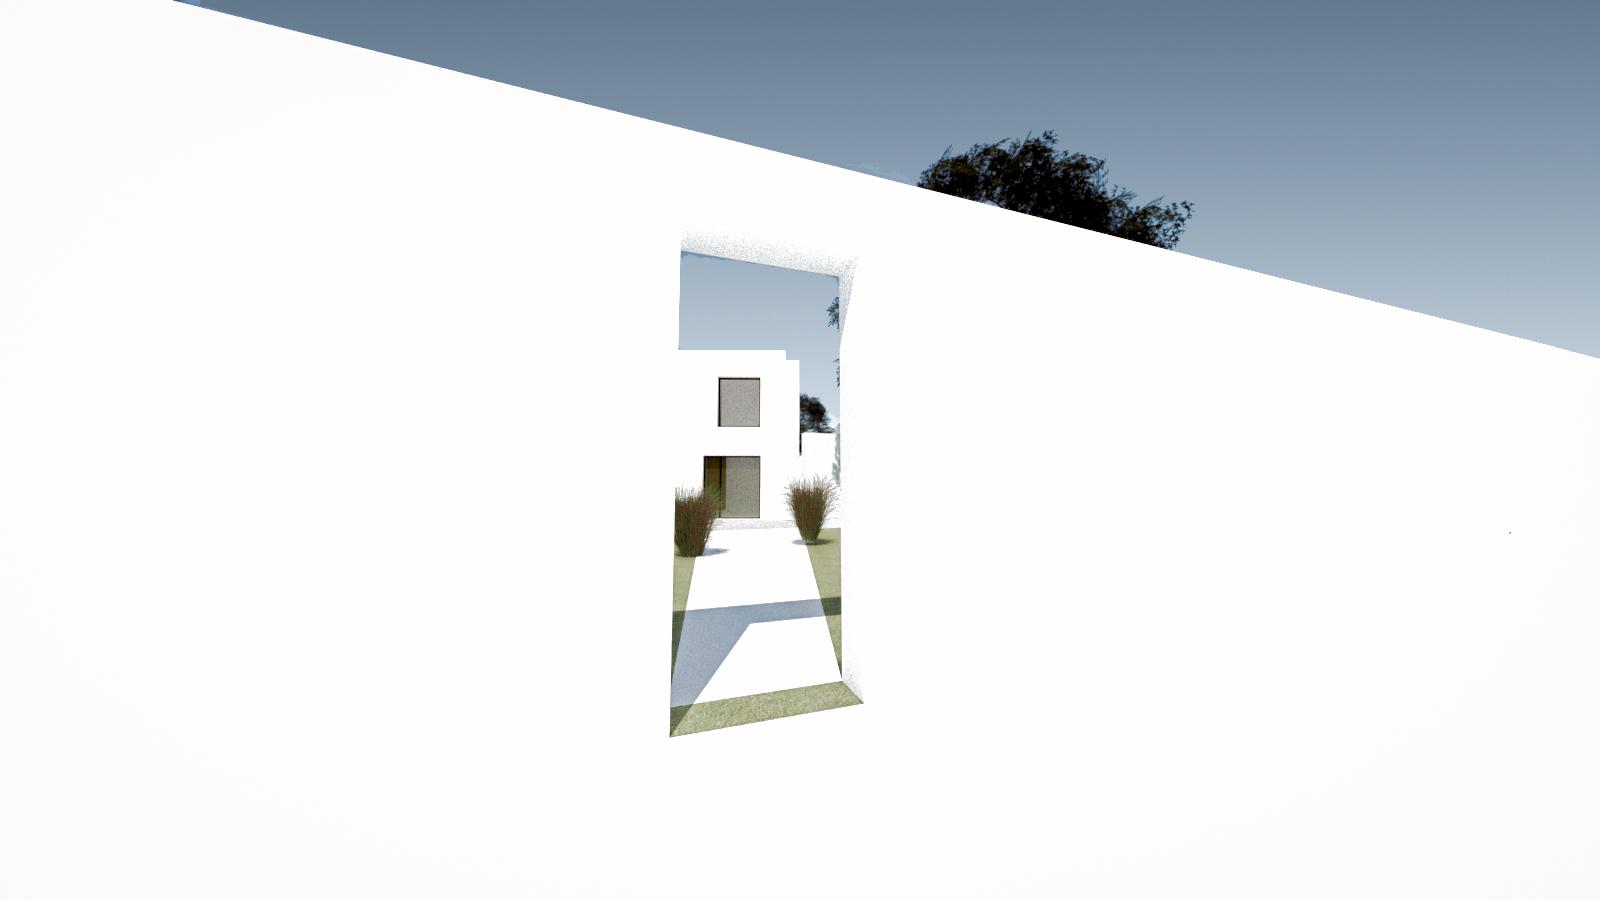 HM+DP-moradia-projectos-abrantes-paulo miguez arquitectos-1.jpg